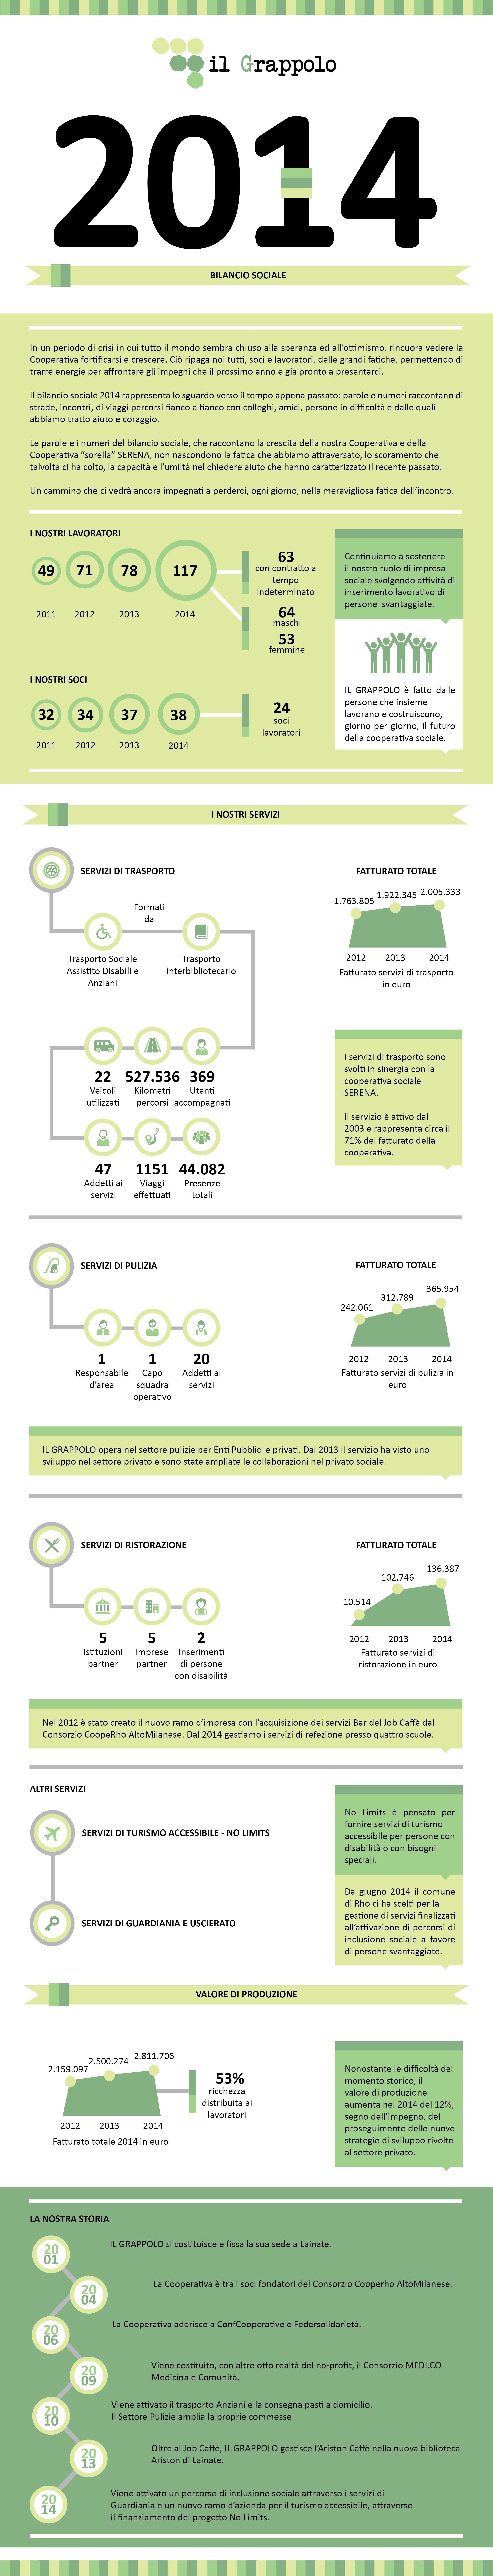 Bilancio sociale 2014 IL GRAPPOLO